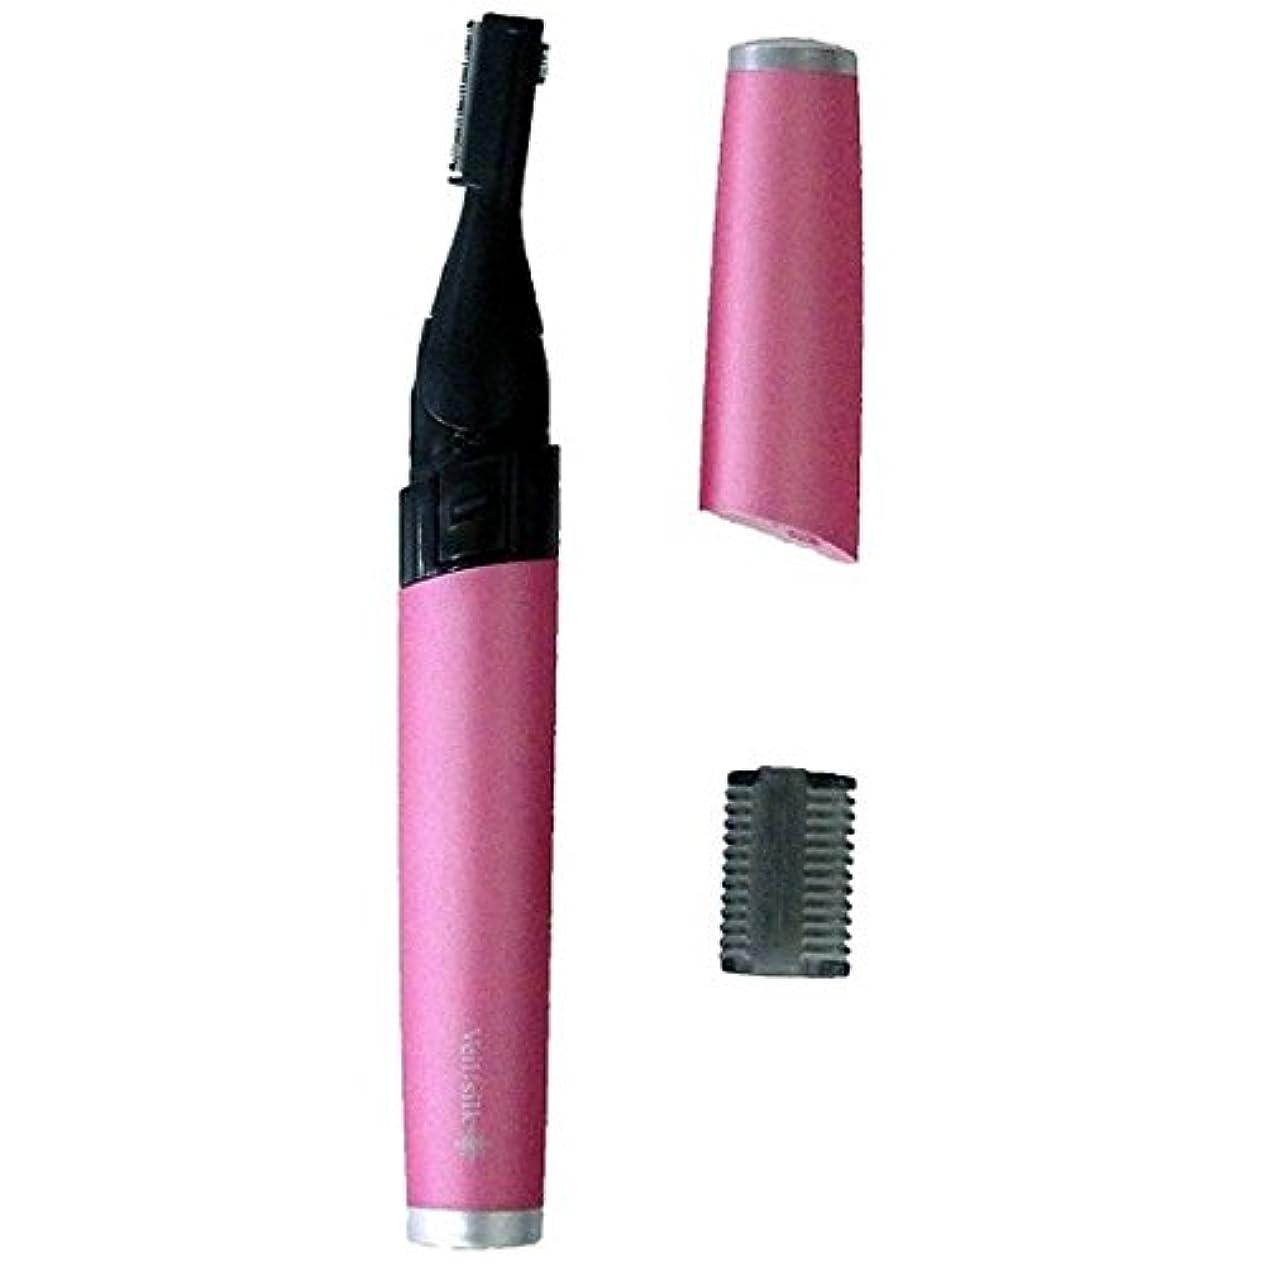 評決もう一度木曜日イズミ フェイスシェーバー (ピンク)IZUMI Veil:silk(ヴェルシルク) GR-AF127-P